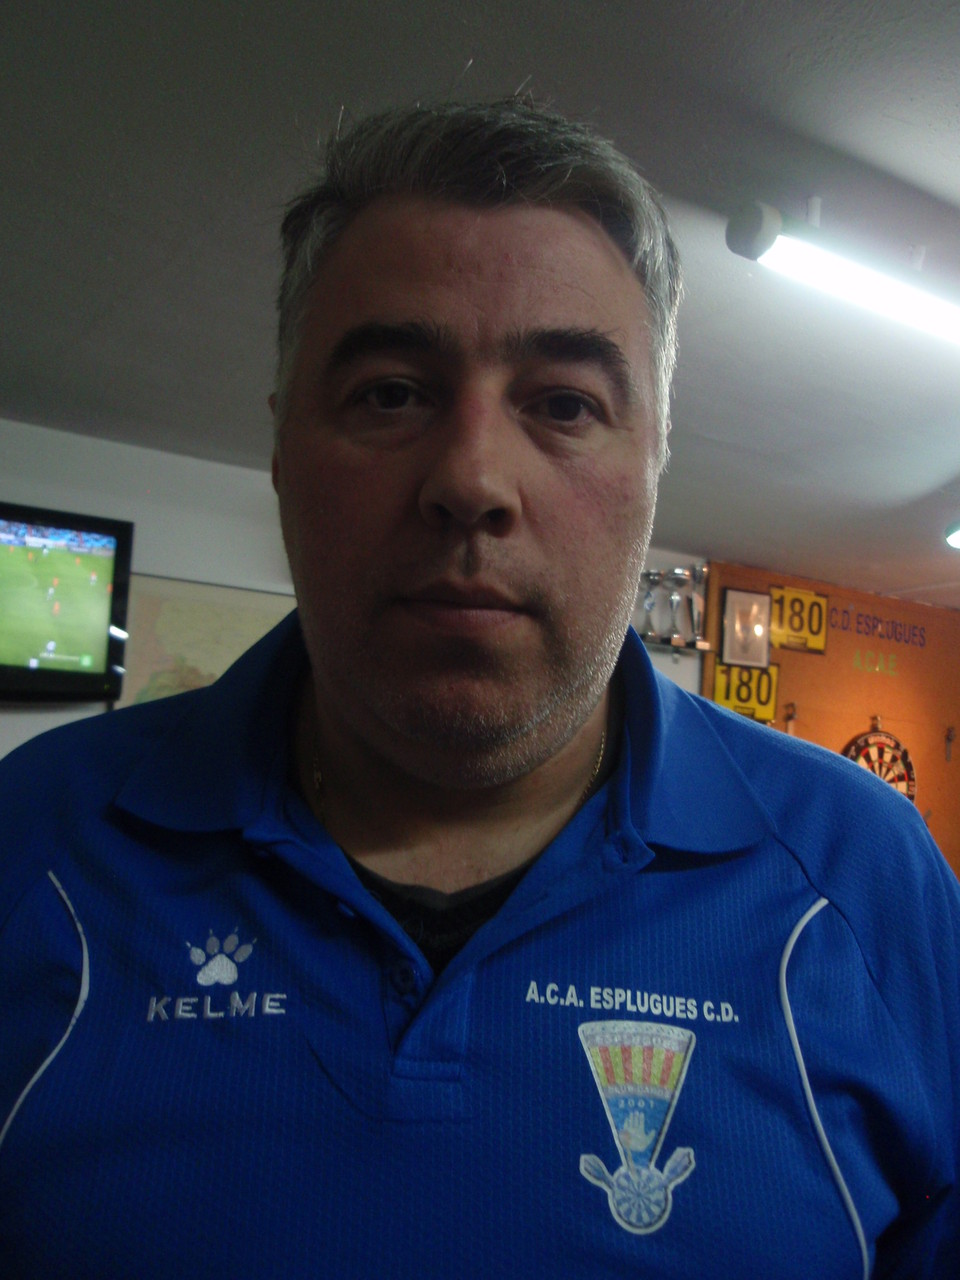 Domingo Lopez